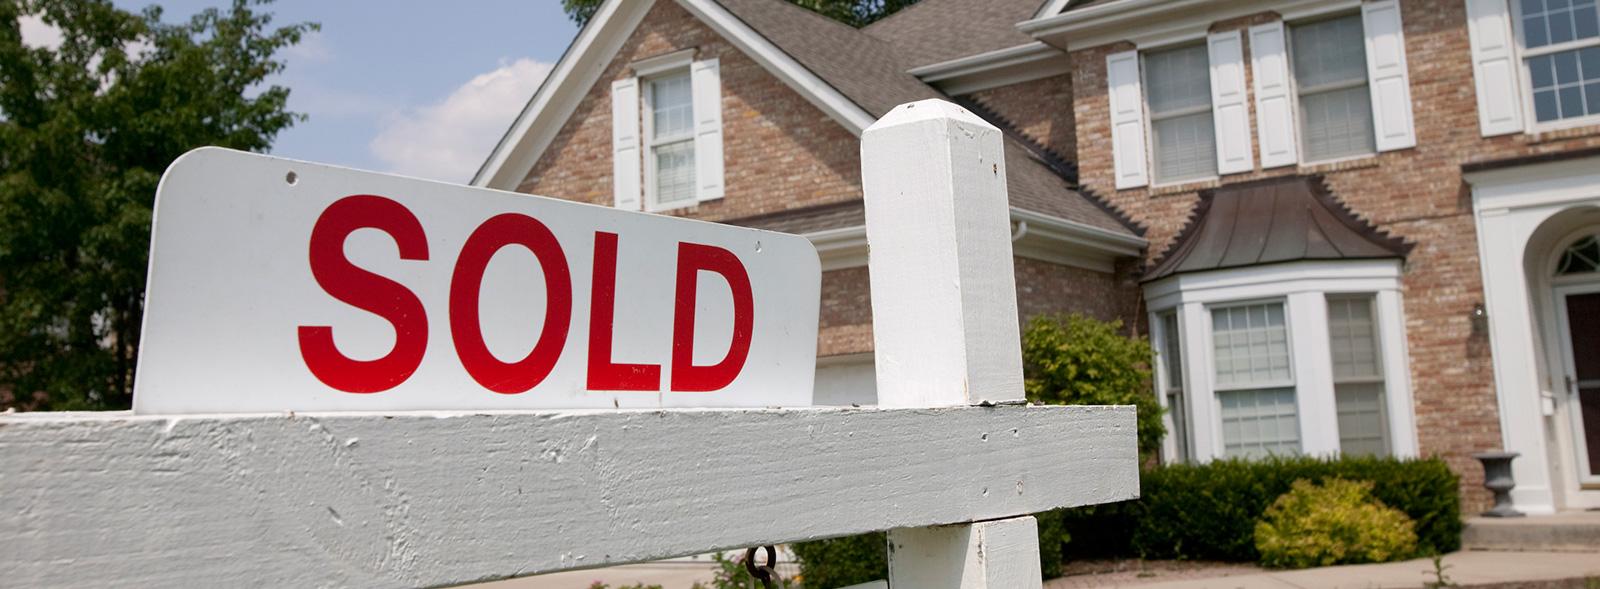 Kindred-real-estate-Sold